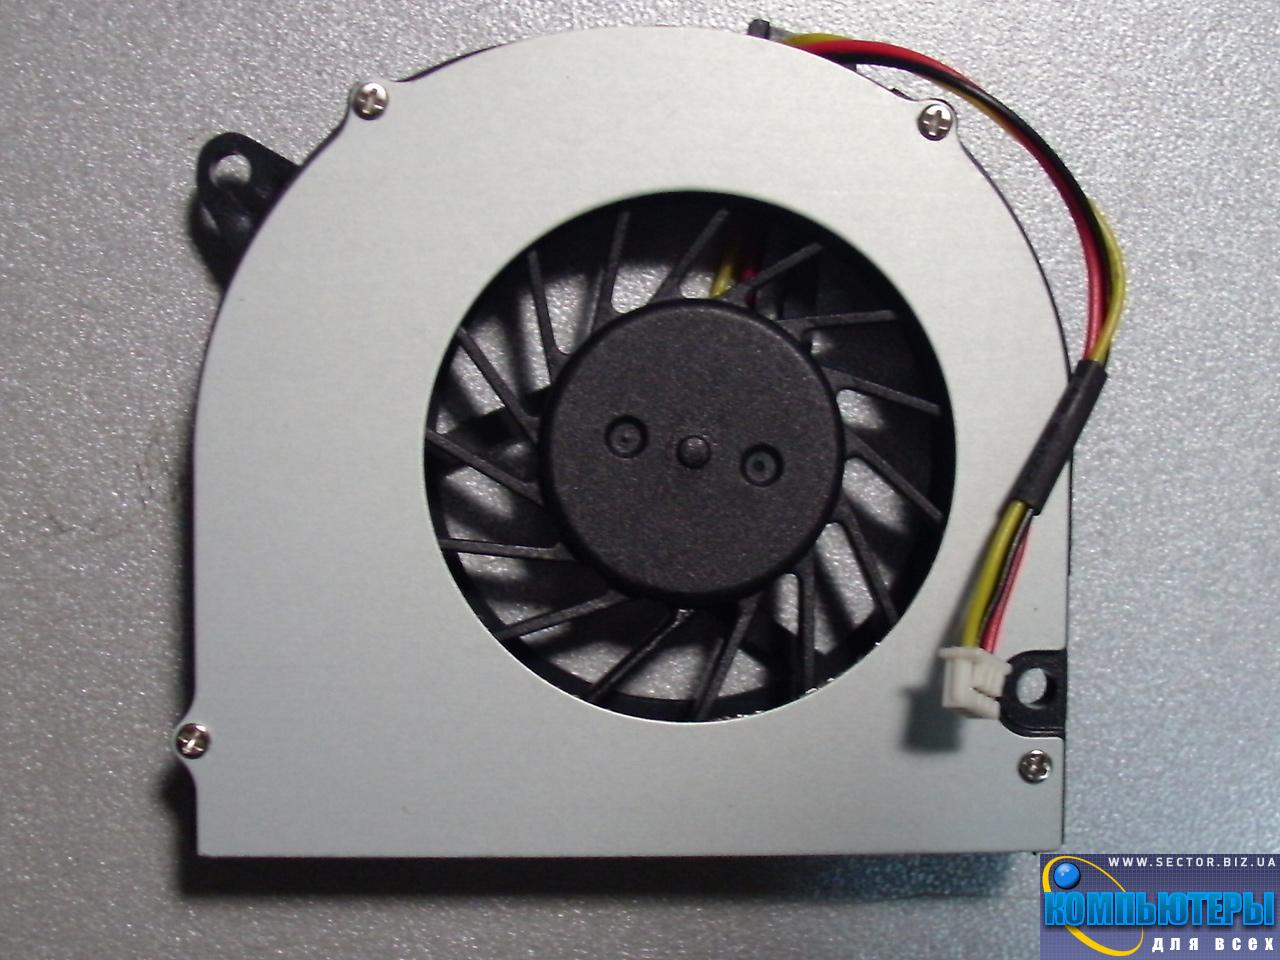 Кулер к ноутбуку HP Compaq NC6320 NX6310 NX6315 NX6320 NX6325 NX6330 p/n: DFB451005M20T. Фото № 1.